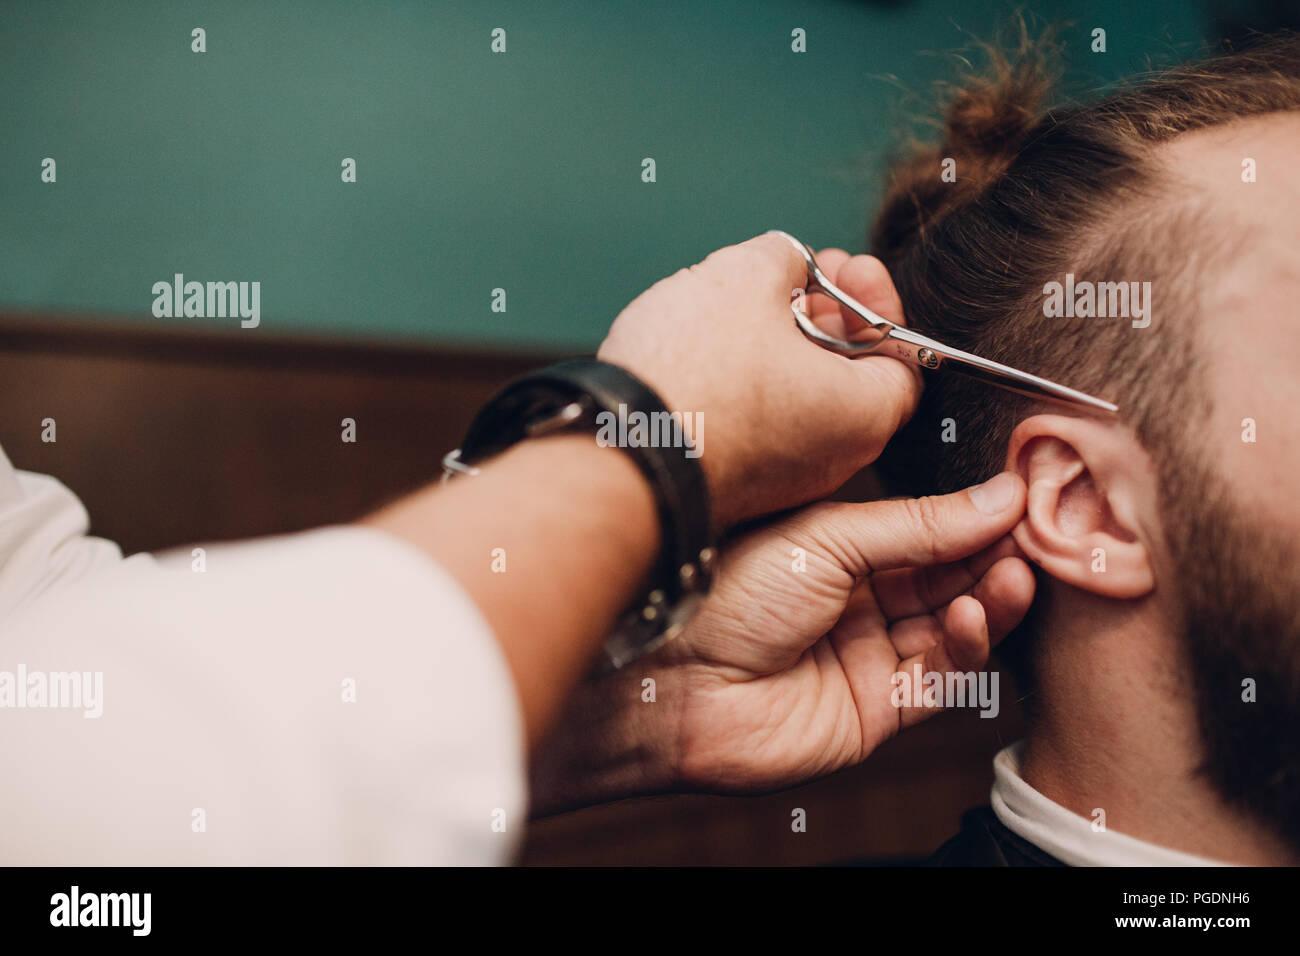 Barbershop avec intérieur en bois. Modèle homme barbu et salon de coiffure. Photo Stock